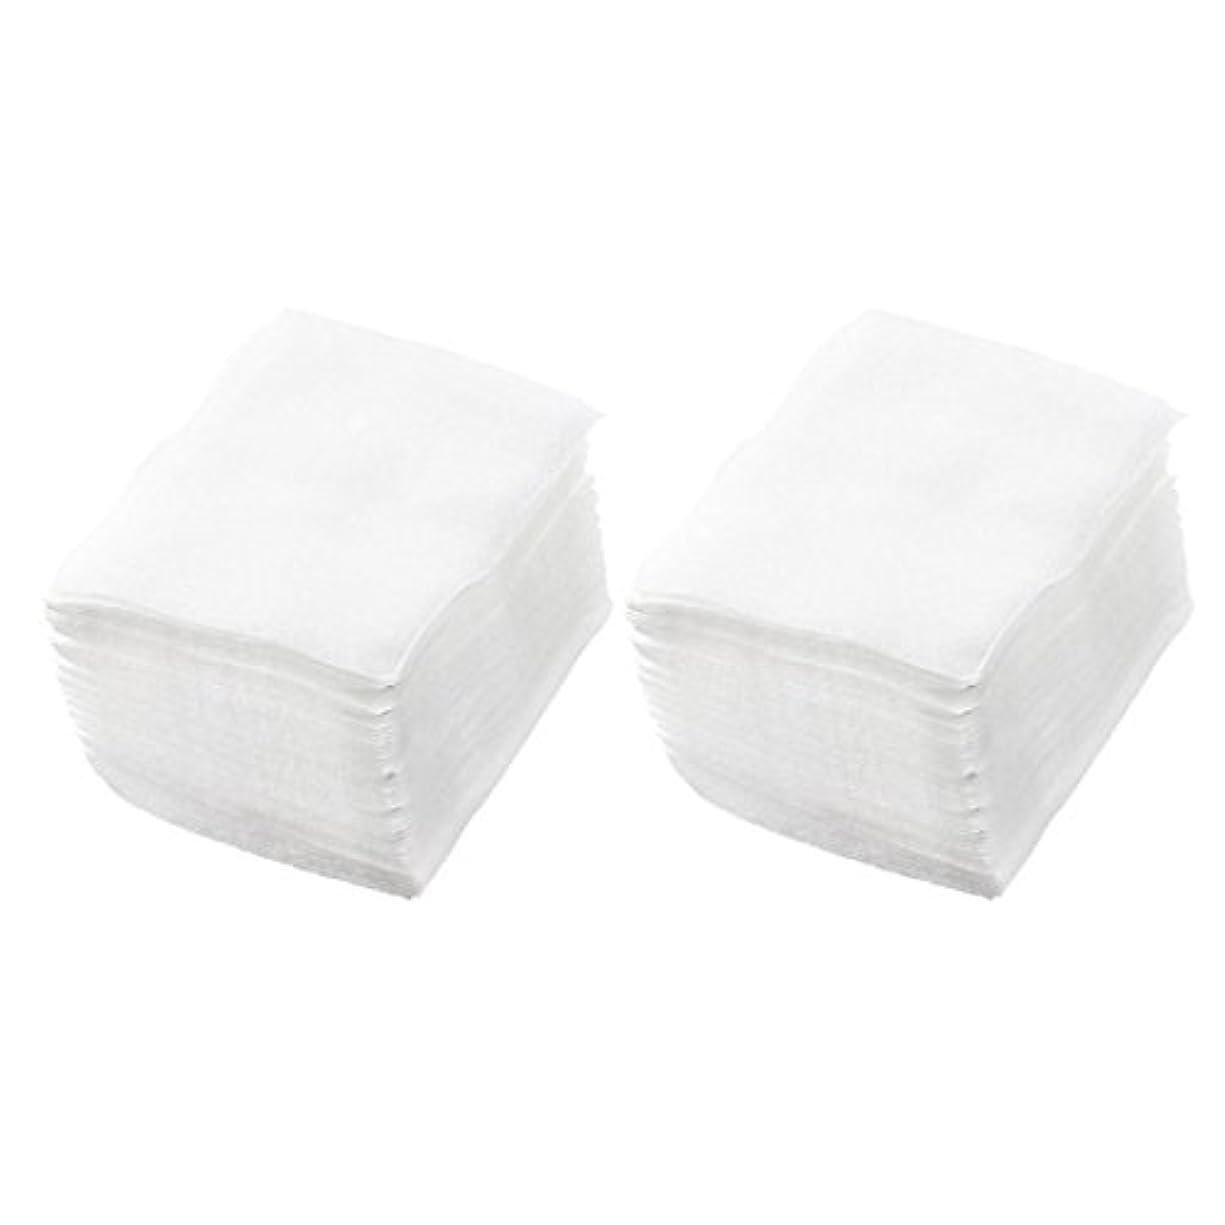 減るすり減る切断するSODIAL(R) 320個 レディ ホワイト ネイルポリッシュリムーバ 長方形フェイスクリーニング コットンパッド